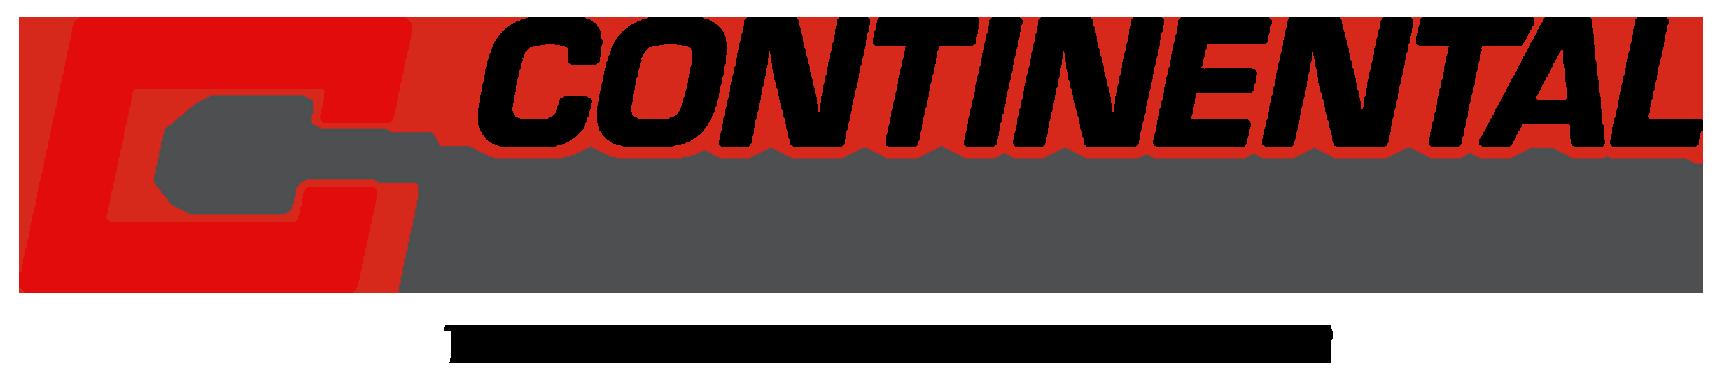 MBW1202001-00